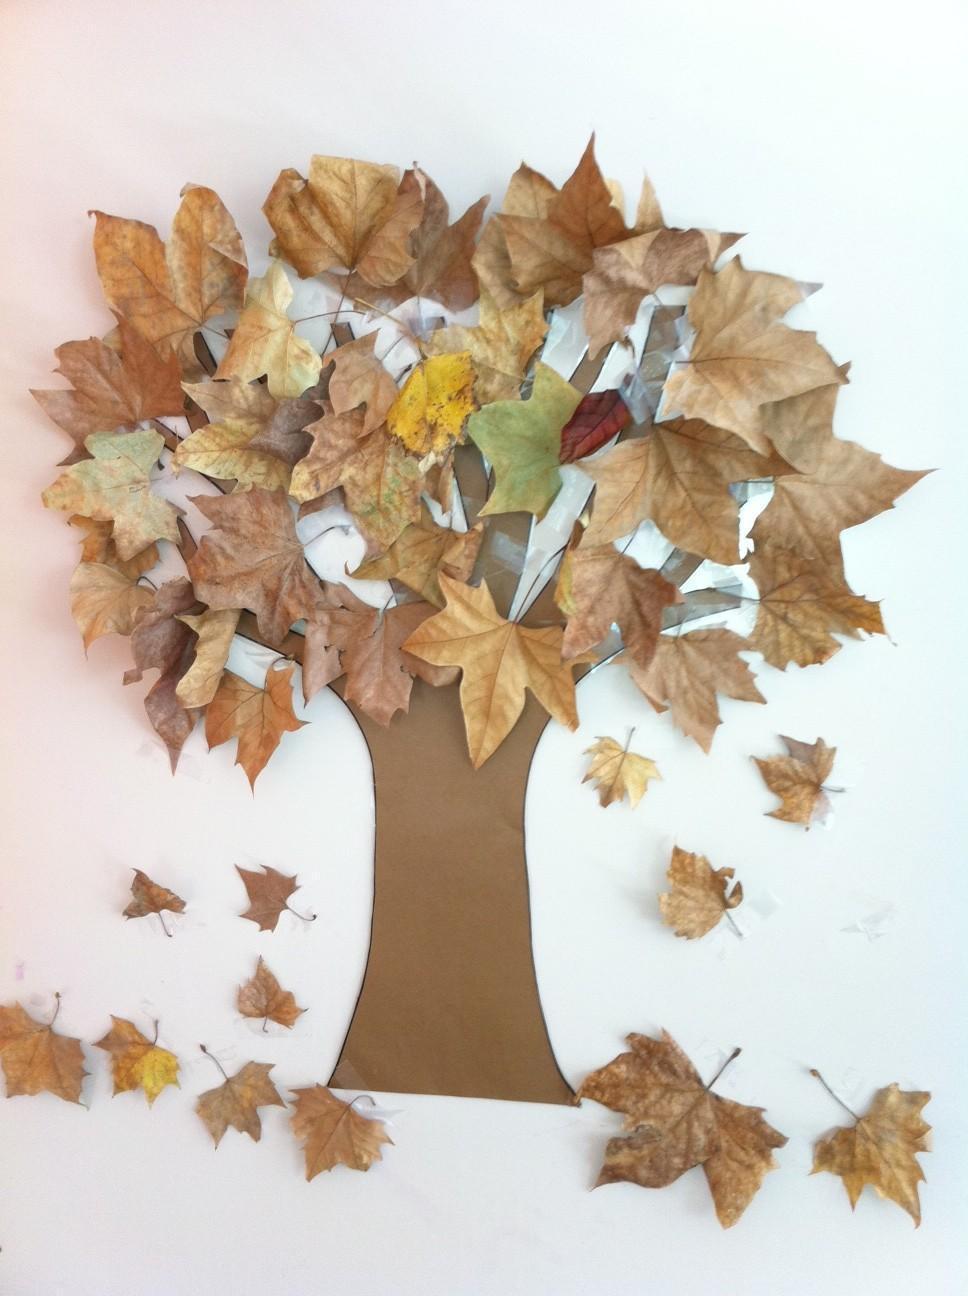 Un arbol de otoño con hojas secas, manualidades y actividades para otoño con niños